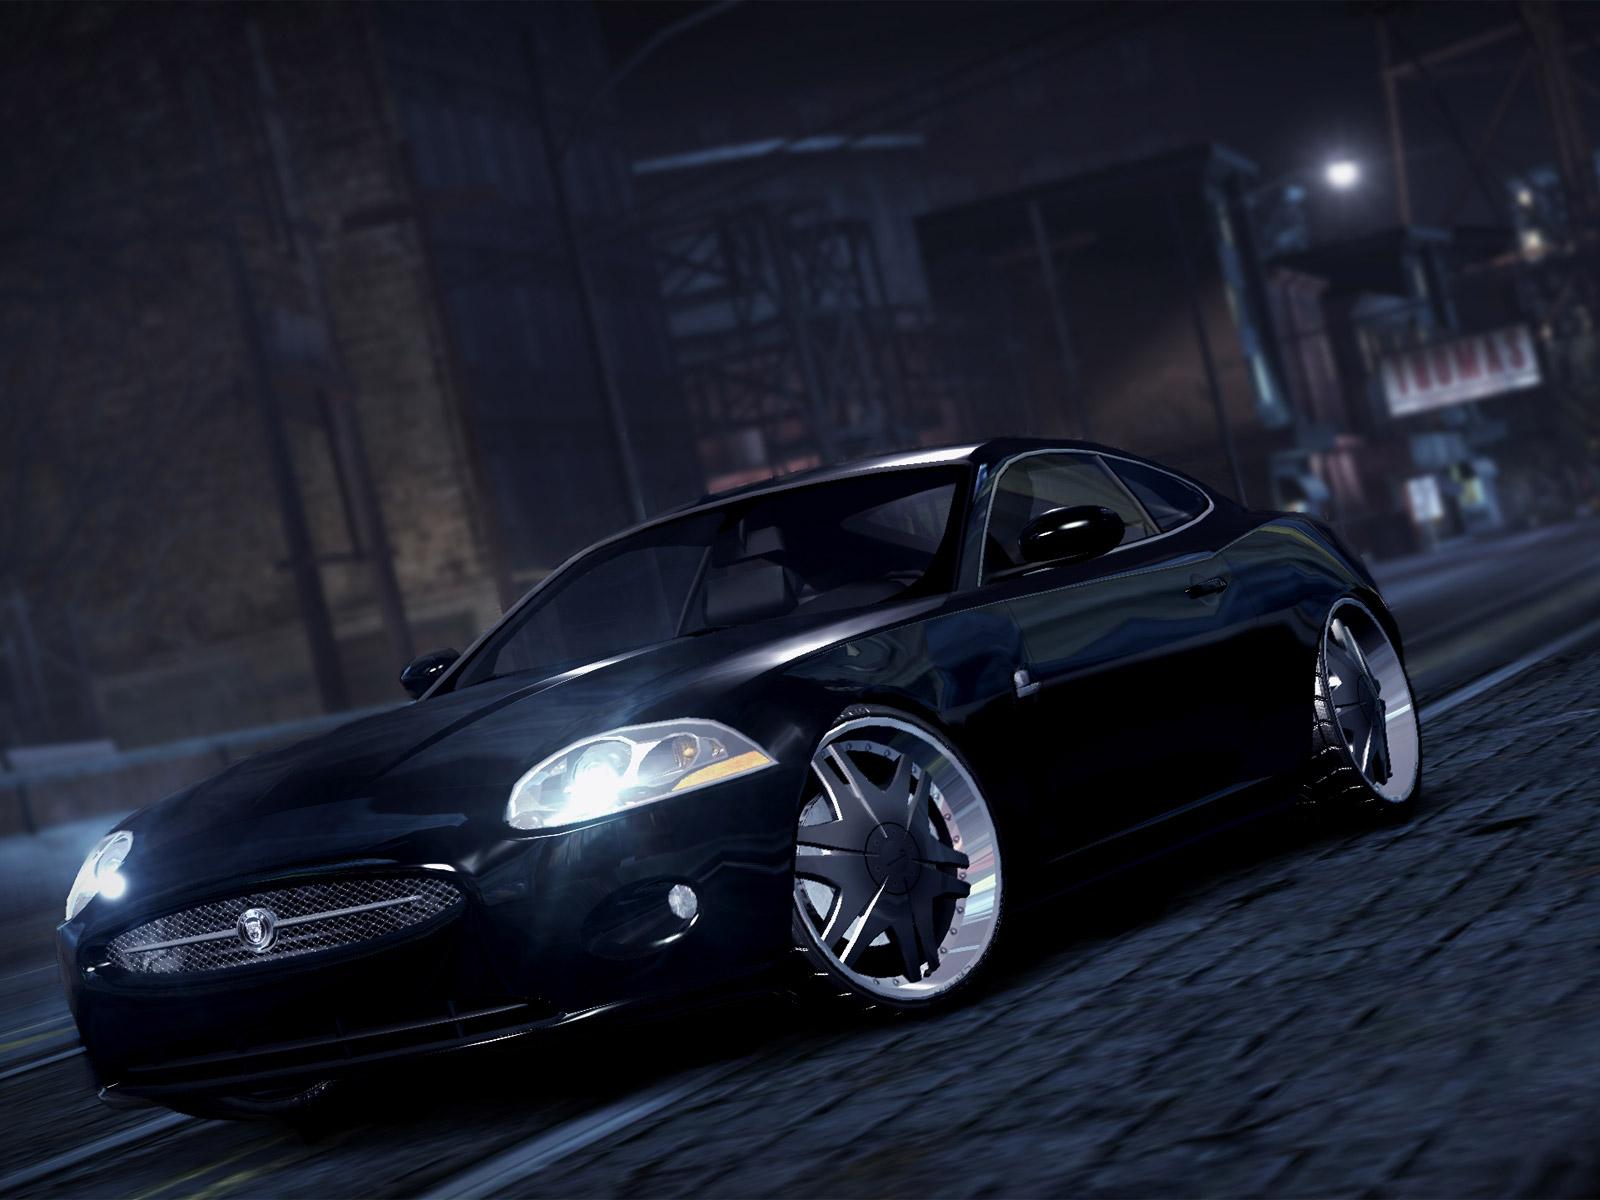 N4S black car